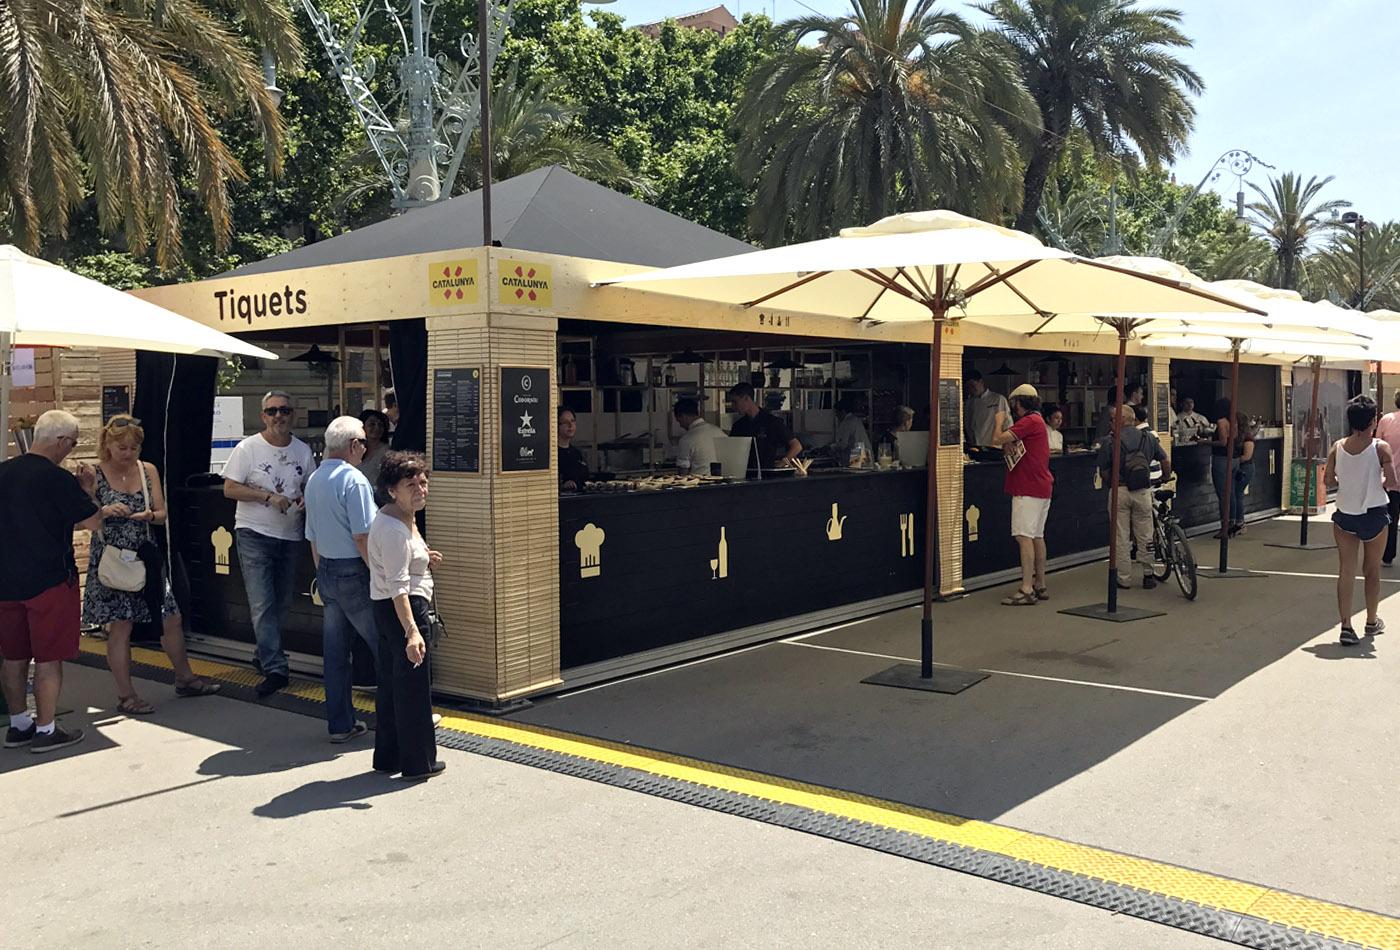 mercats-escapades-turisme-catalunya-creartiva-disseny-esdeveniment